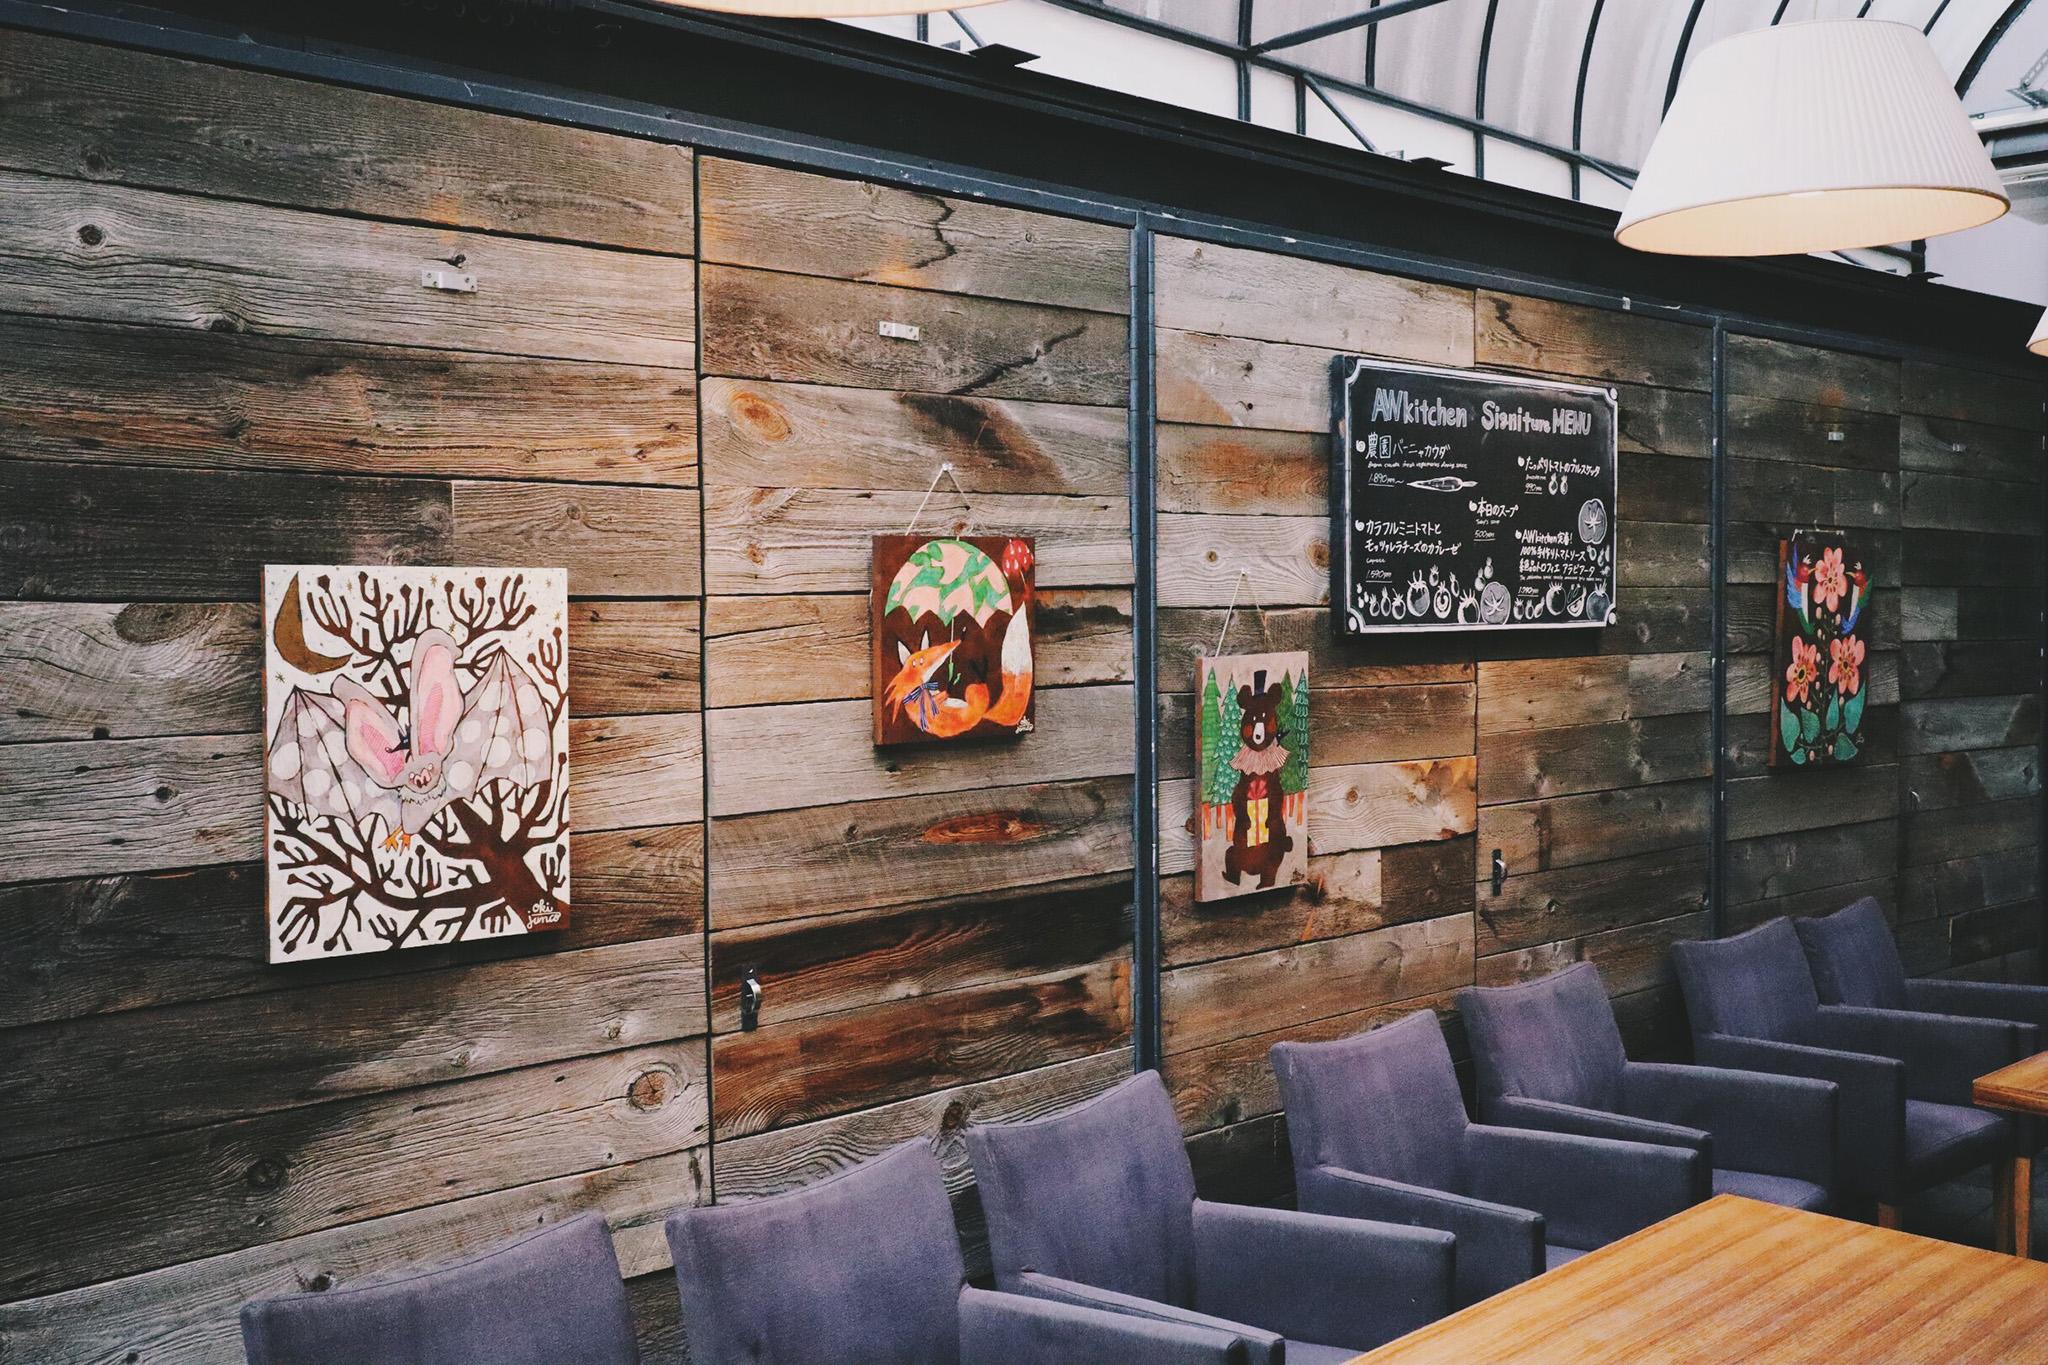 「カフェ」「フォーク」「店内」などがテーマのフリー写真画像